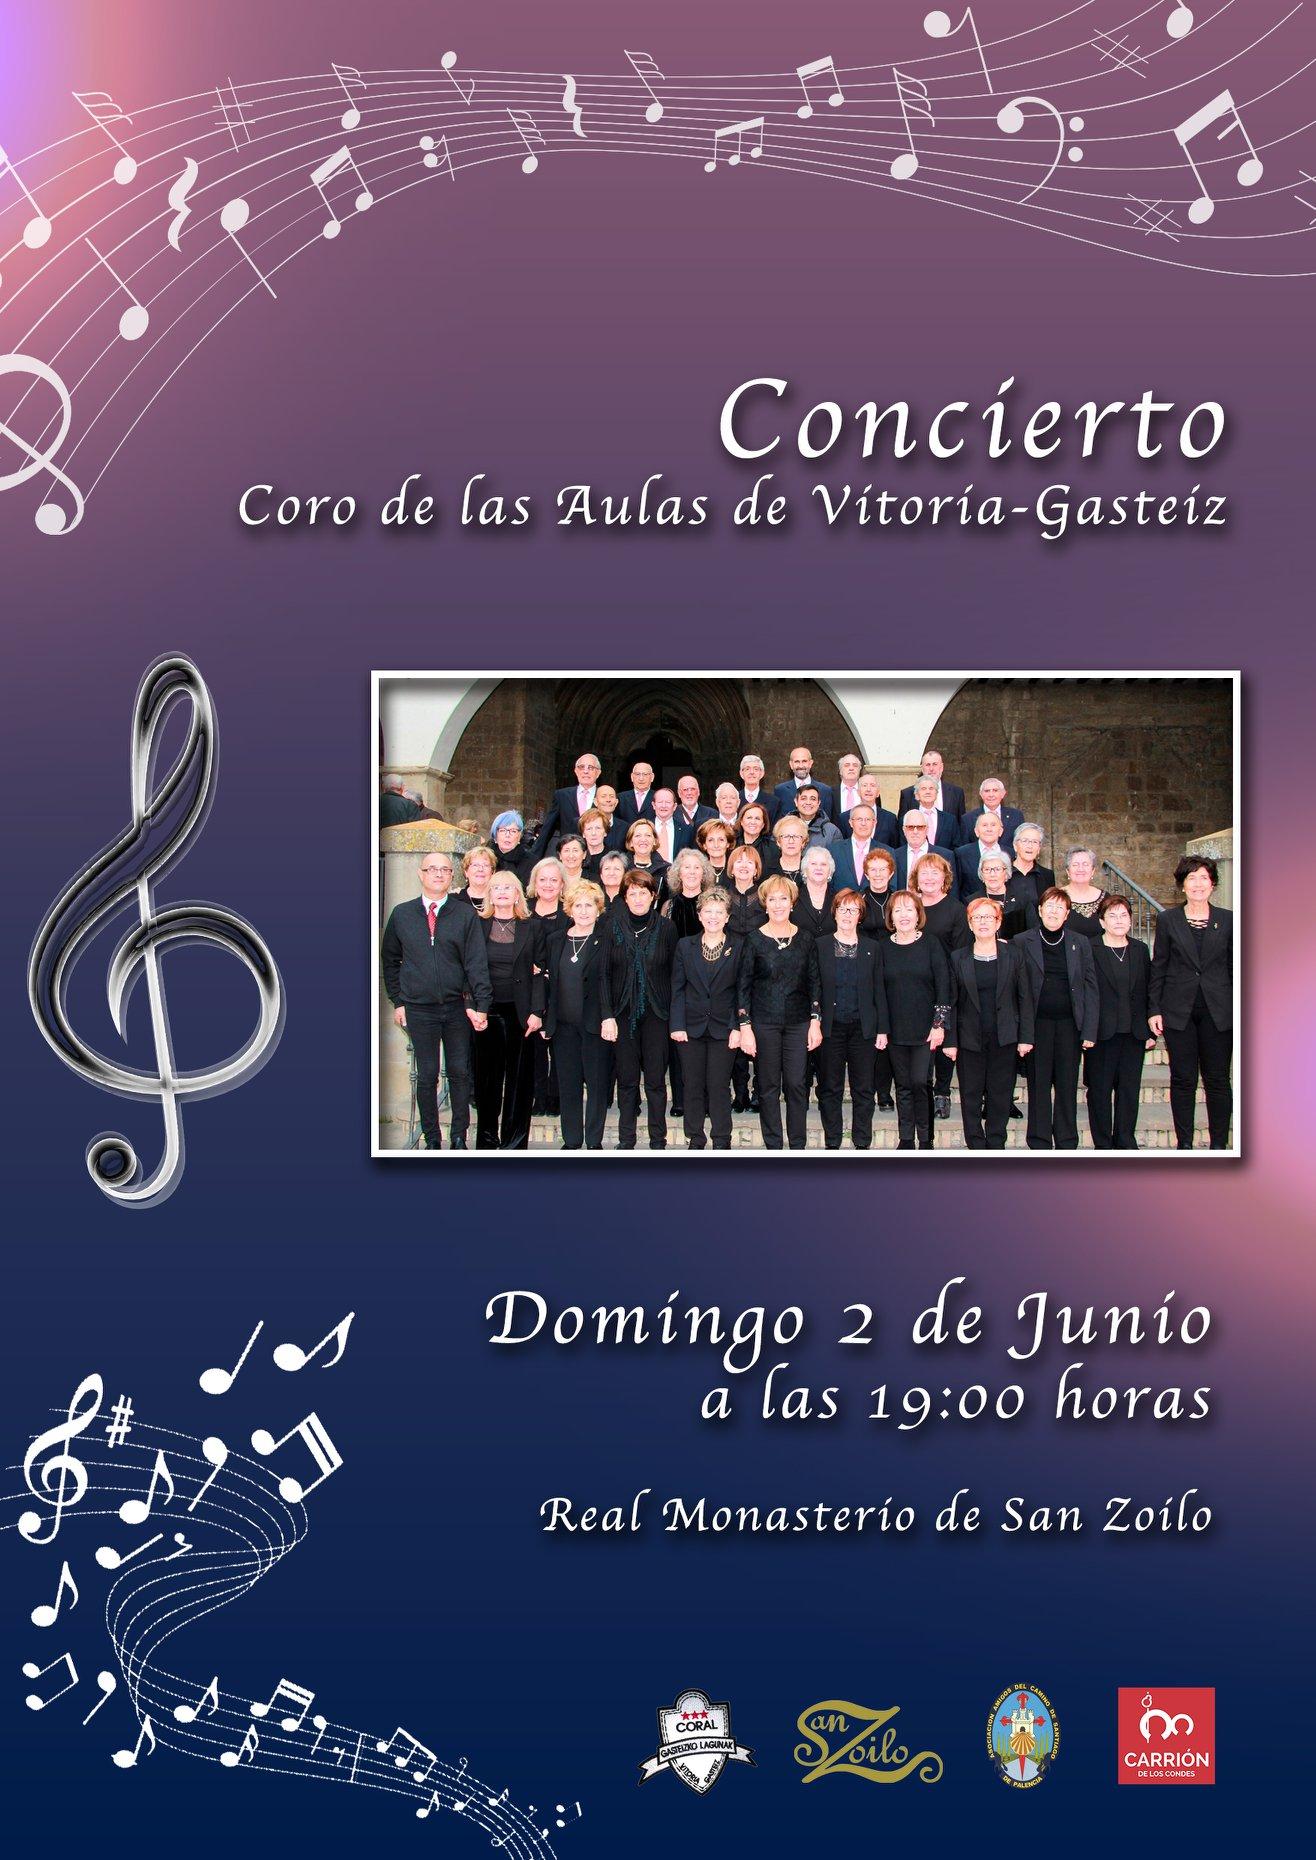 Concierto Coro de las Aulas de Vitoria-Gasteiz